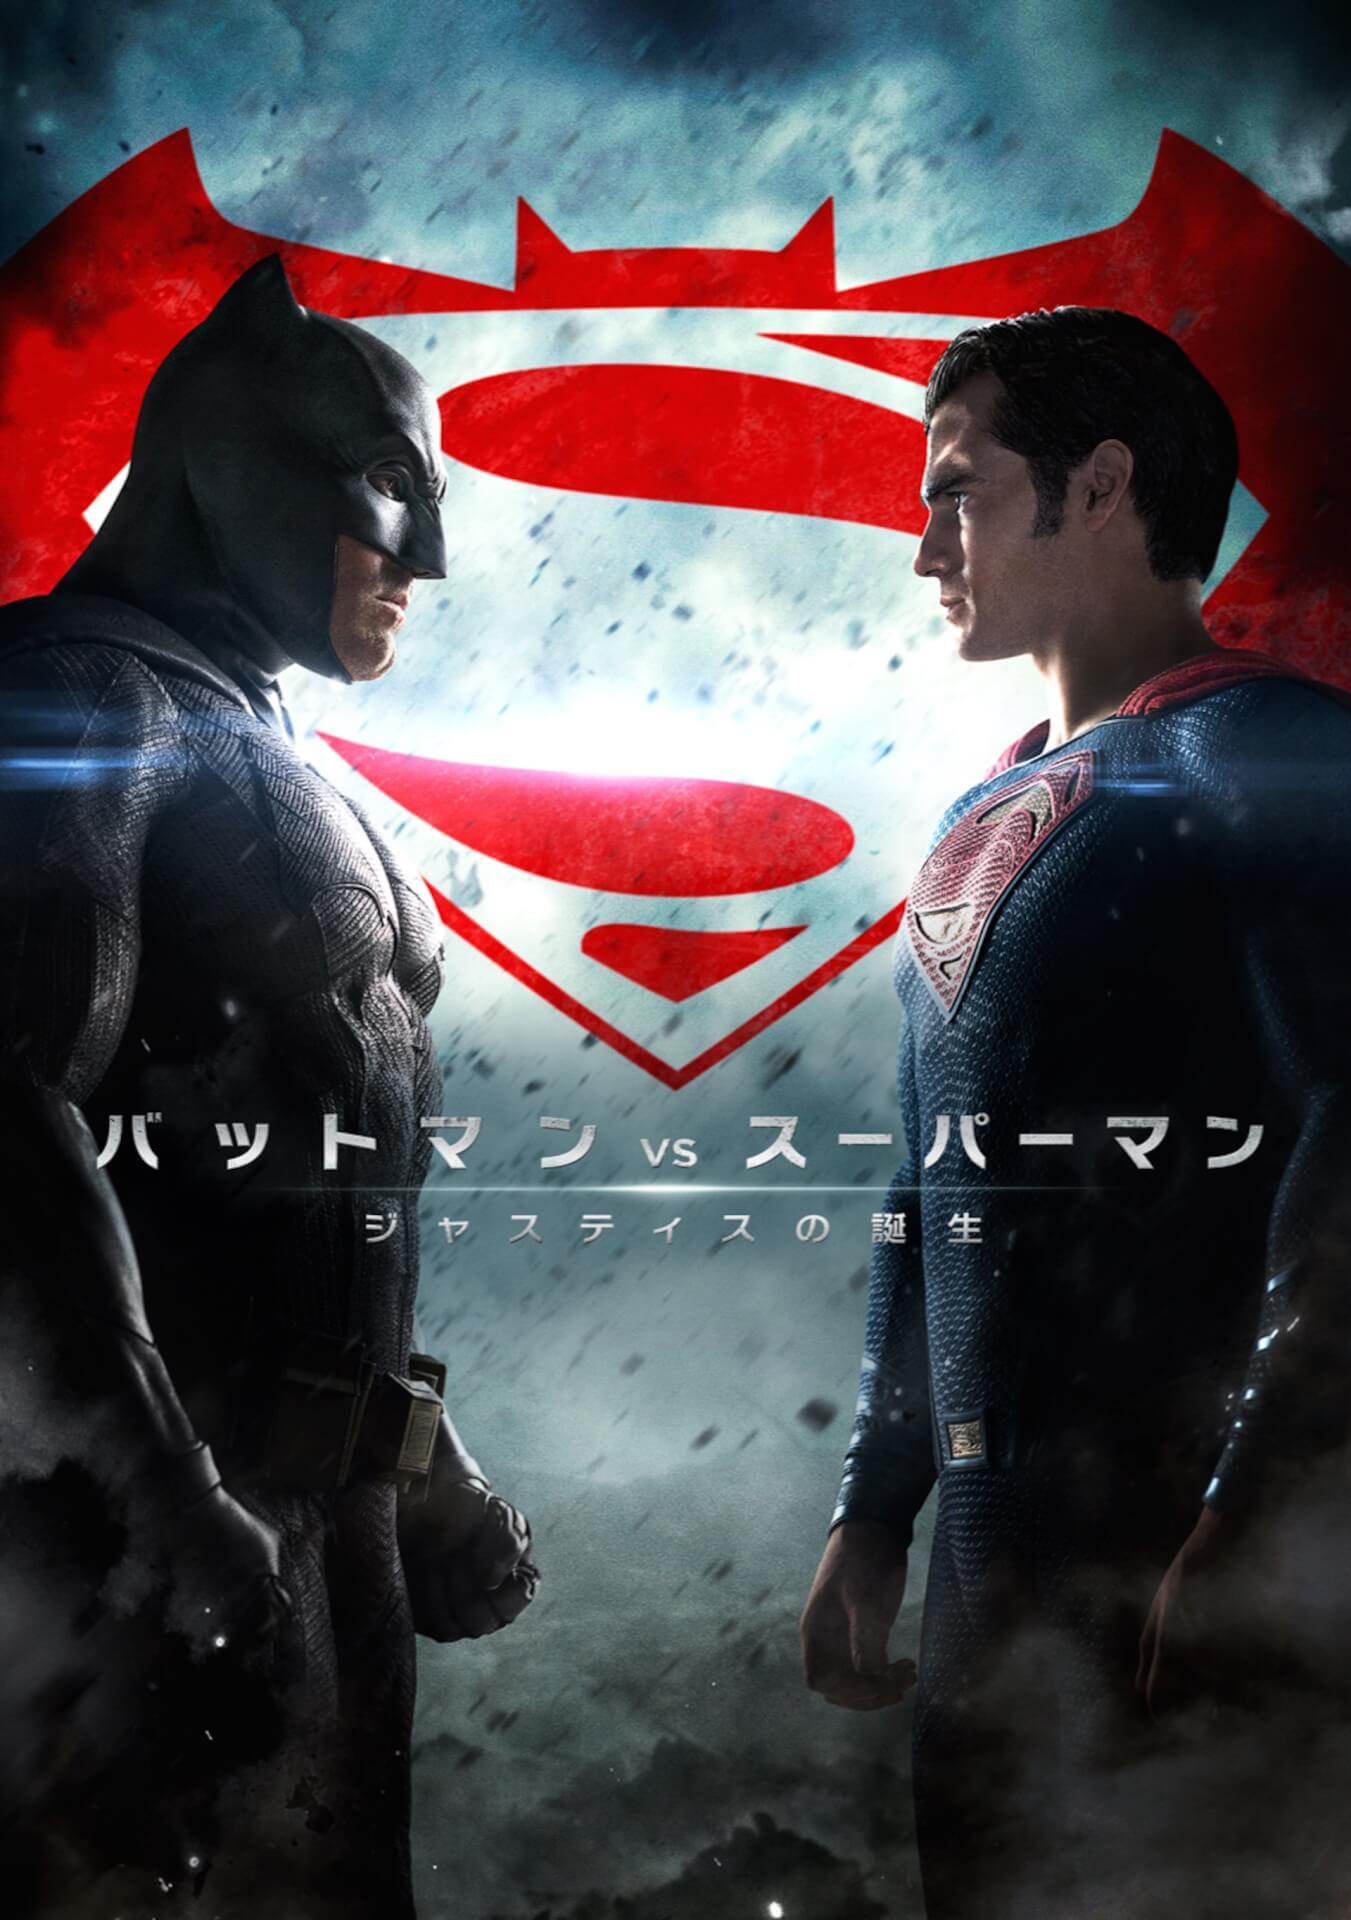 バットマン80周年記念!バットマン映画8作品が各局で放送|渋谷では「バットシグナル」も照射、コラボグッズ販売も film190917_batman80_02